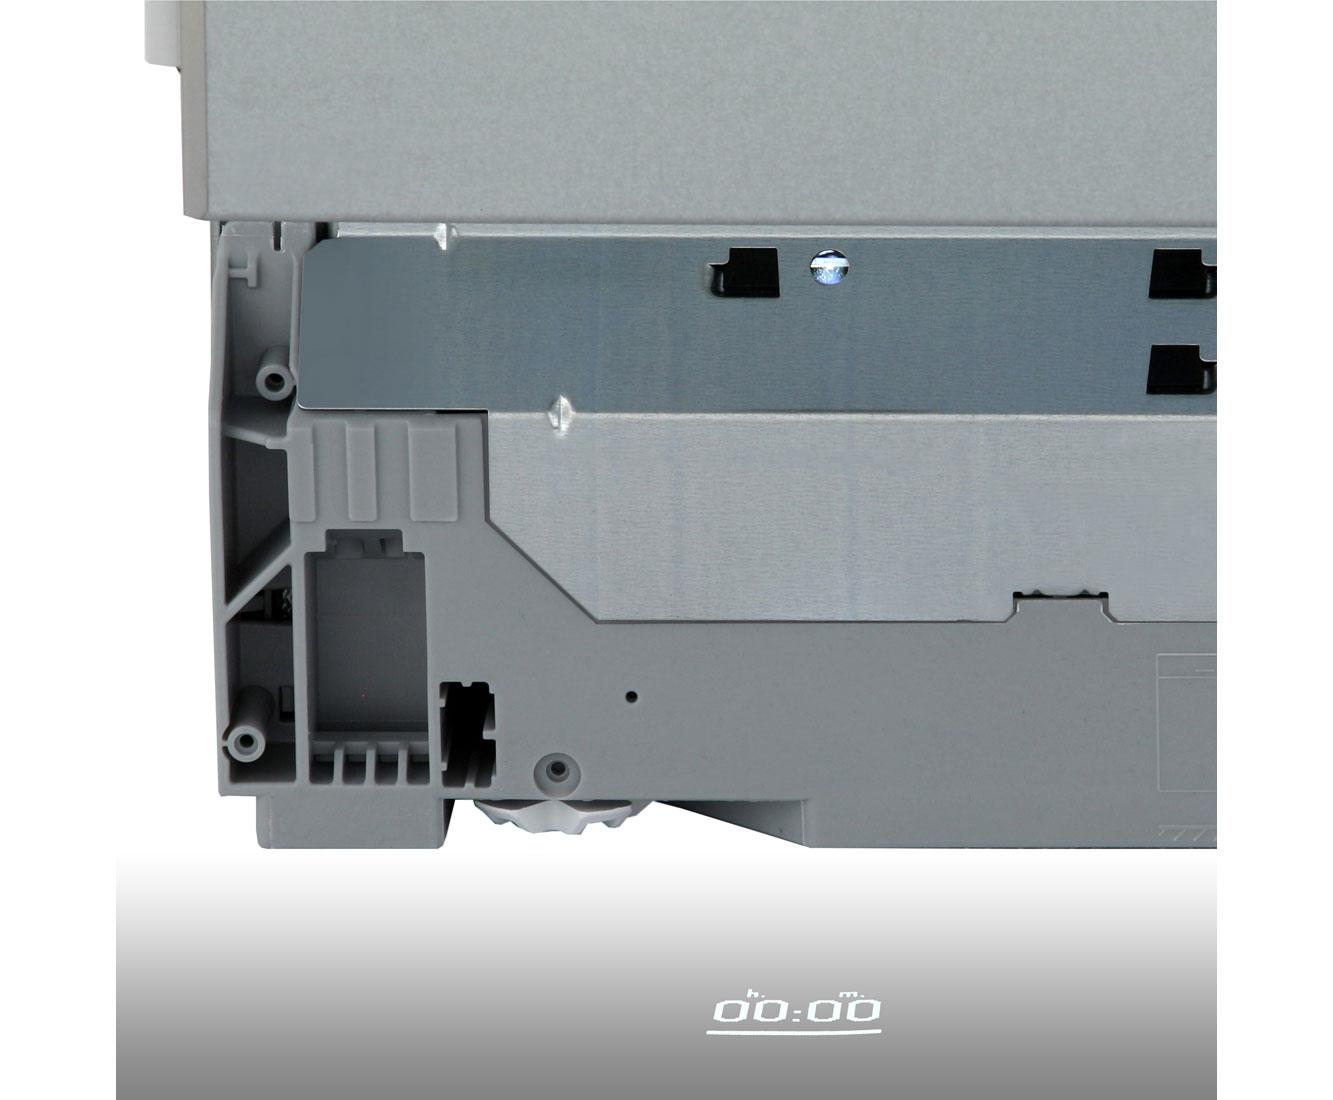 Siemens Kühlschrank Tür Justieren : Automatisch schließende tür einstellen: geze automatische türsysteme